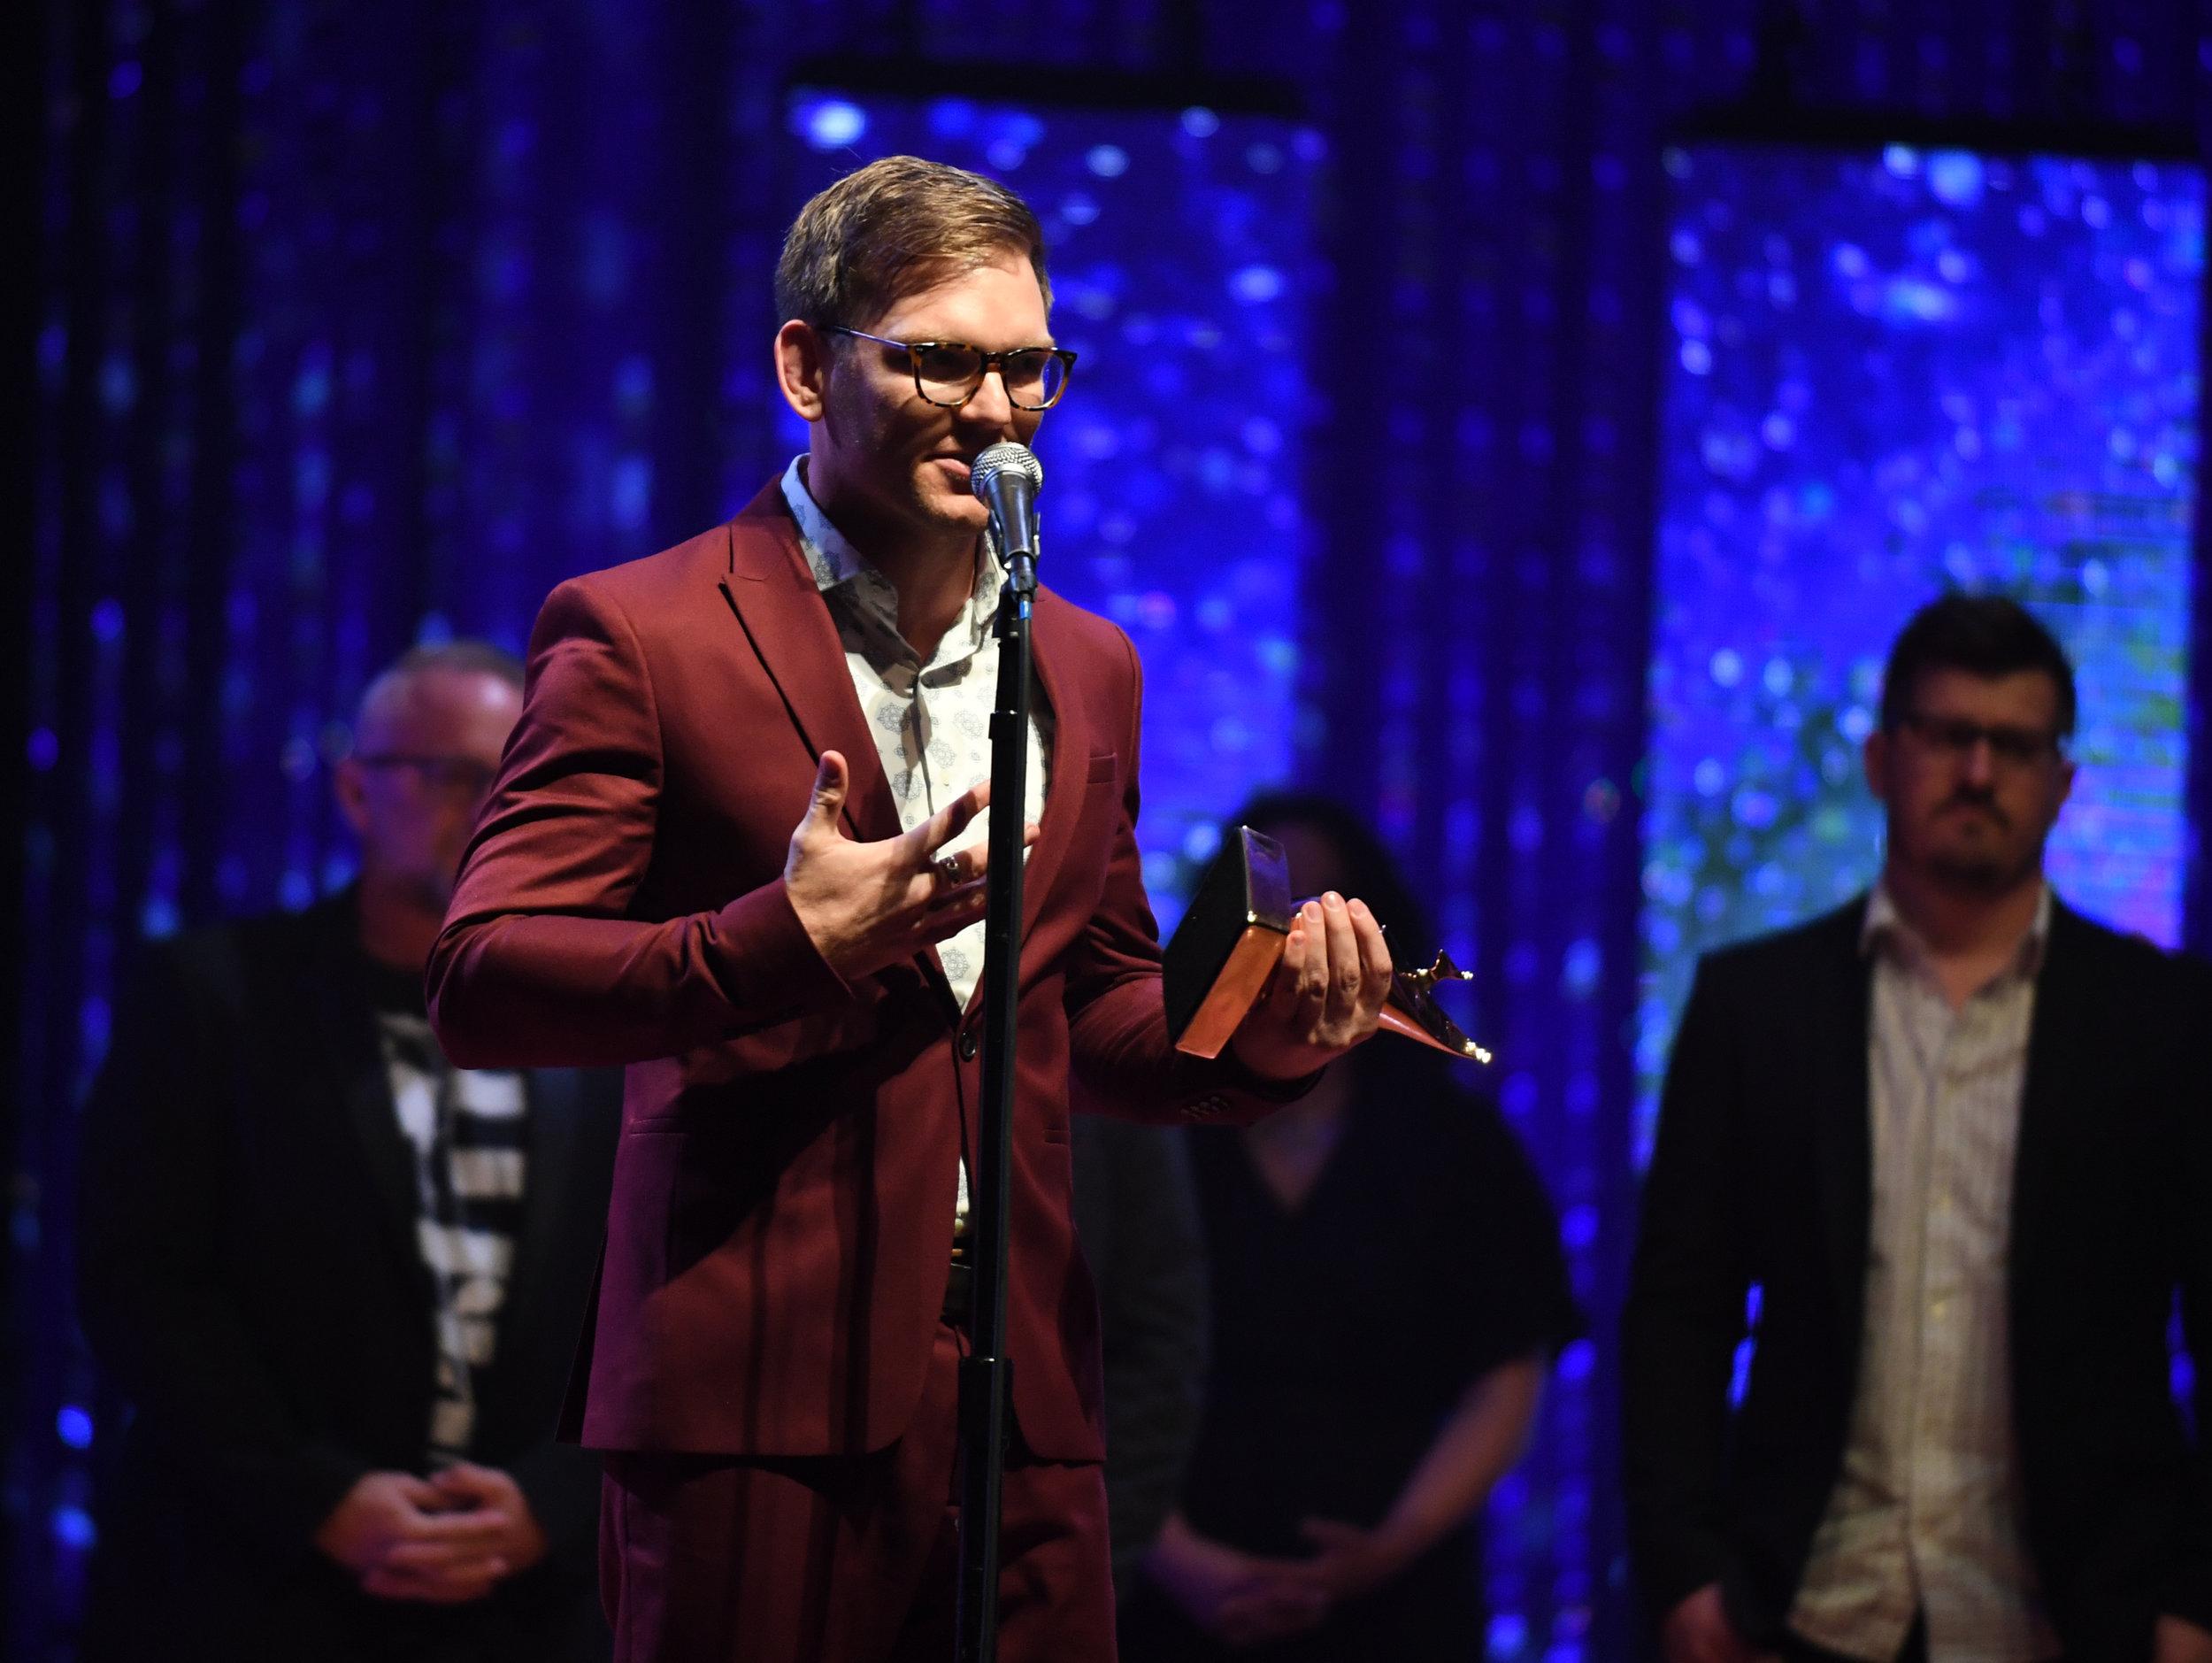 Rick Seibold accepts award at the 49th Dove Awards